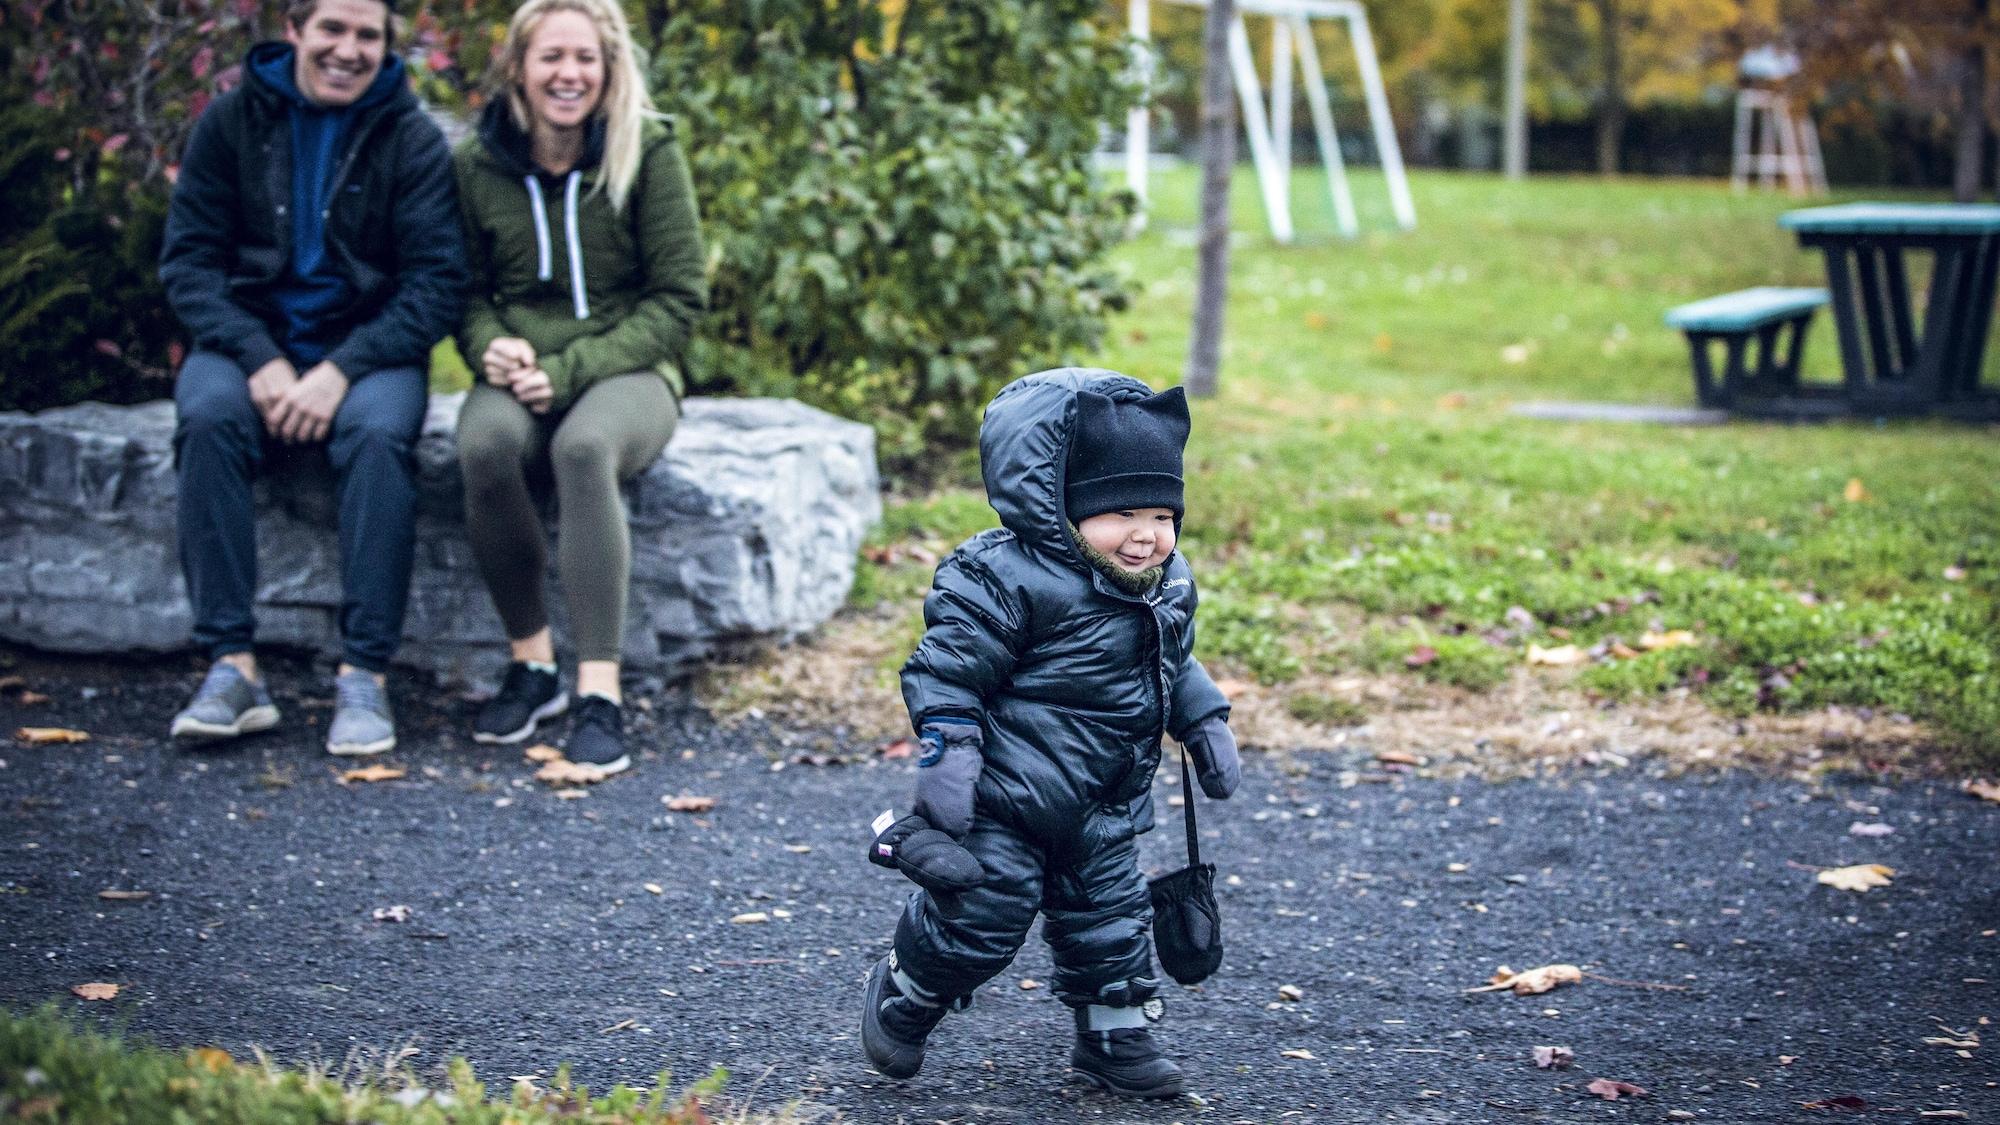 Maxime et Marylou, assis sur une roche dans un parc, regardent leur fils Mathéo marcher.